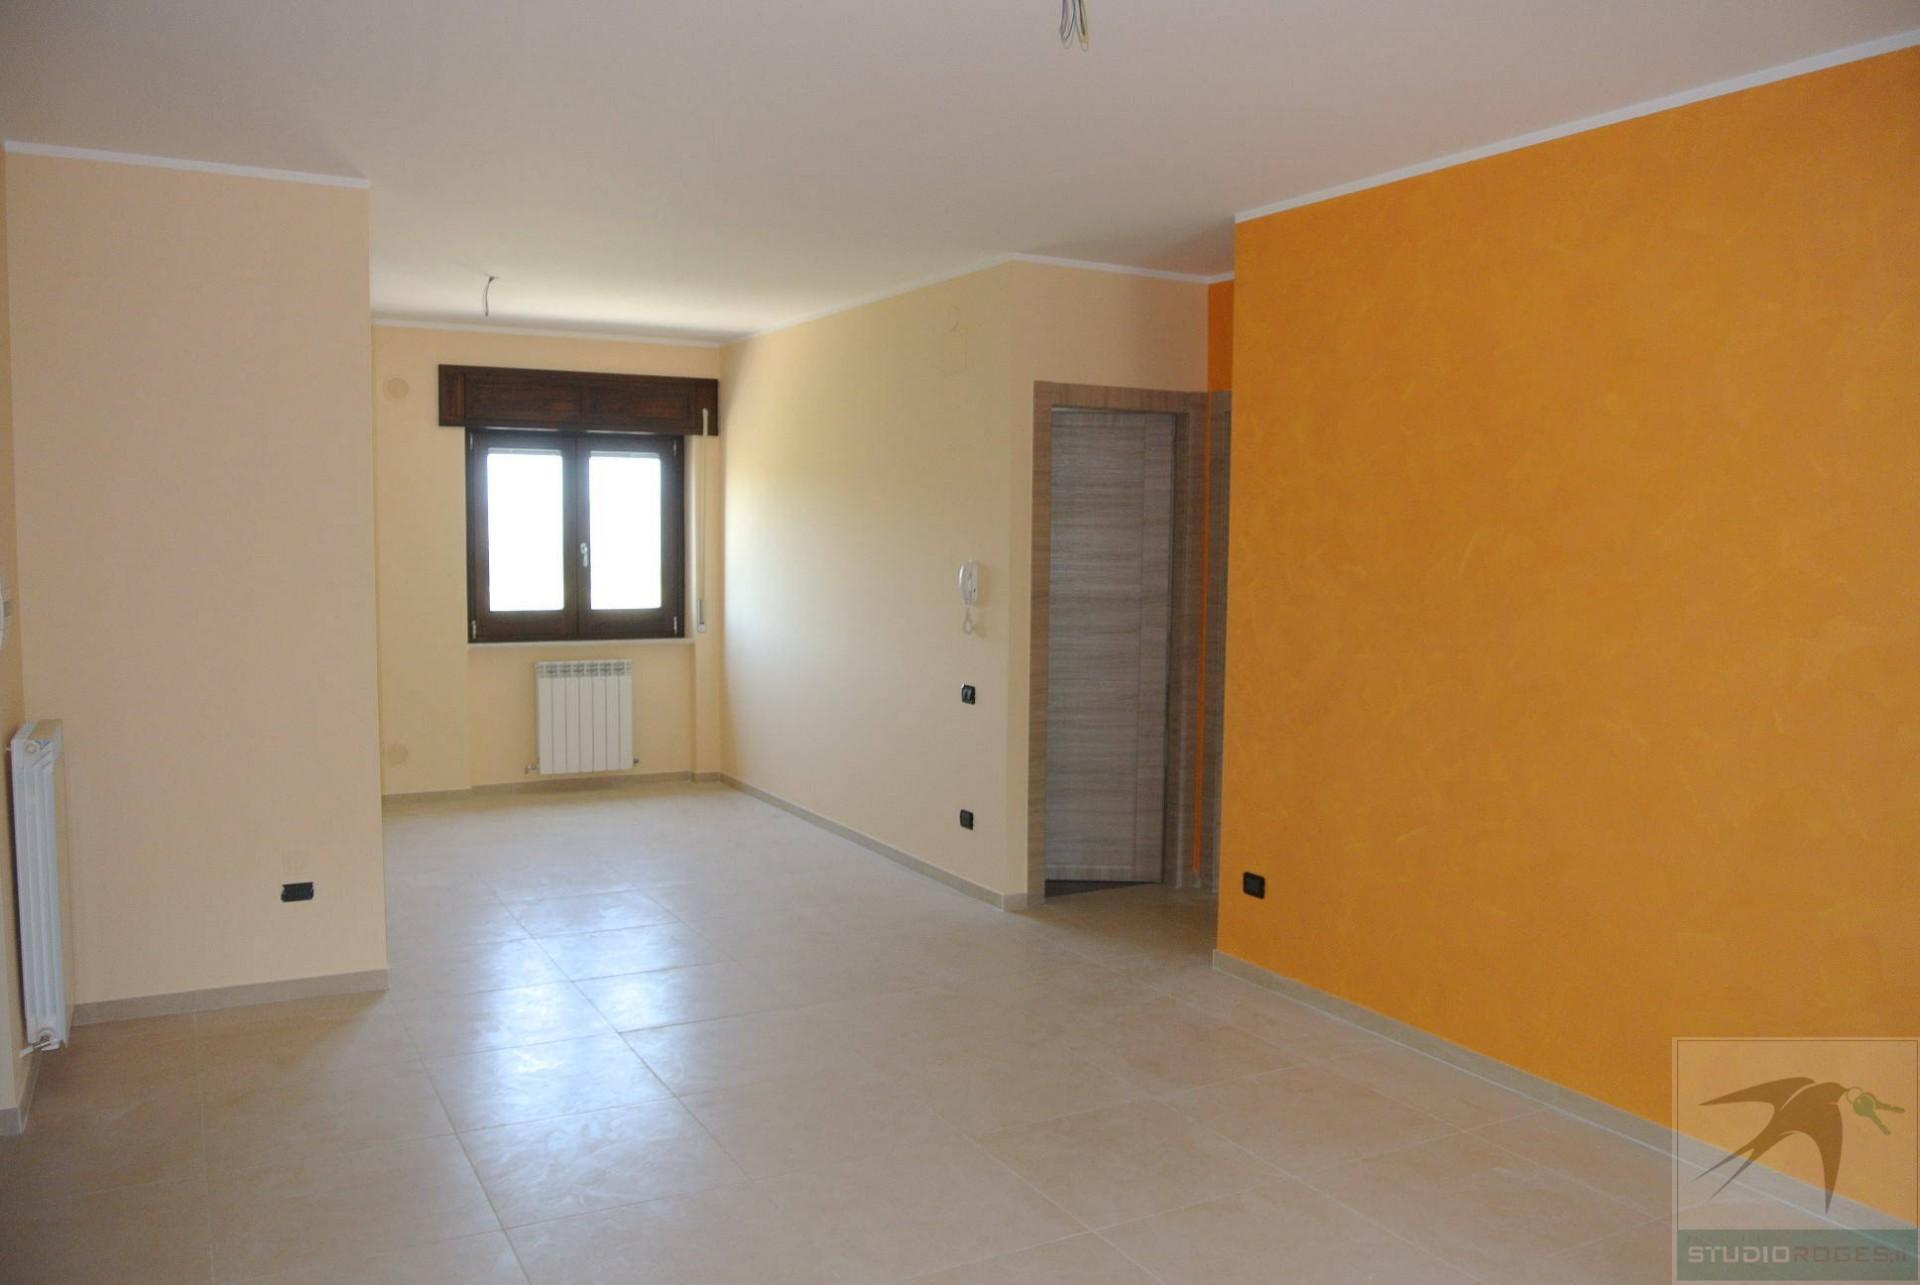 Appartamento in Affitto 124,00 mq - N. camere: 3 - - Montalto Uffugo - SantaMaria-Settimo-Sant'Antonello (CS)